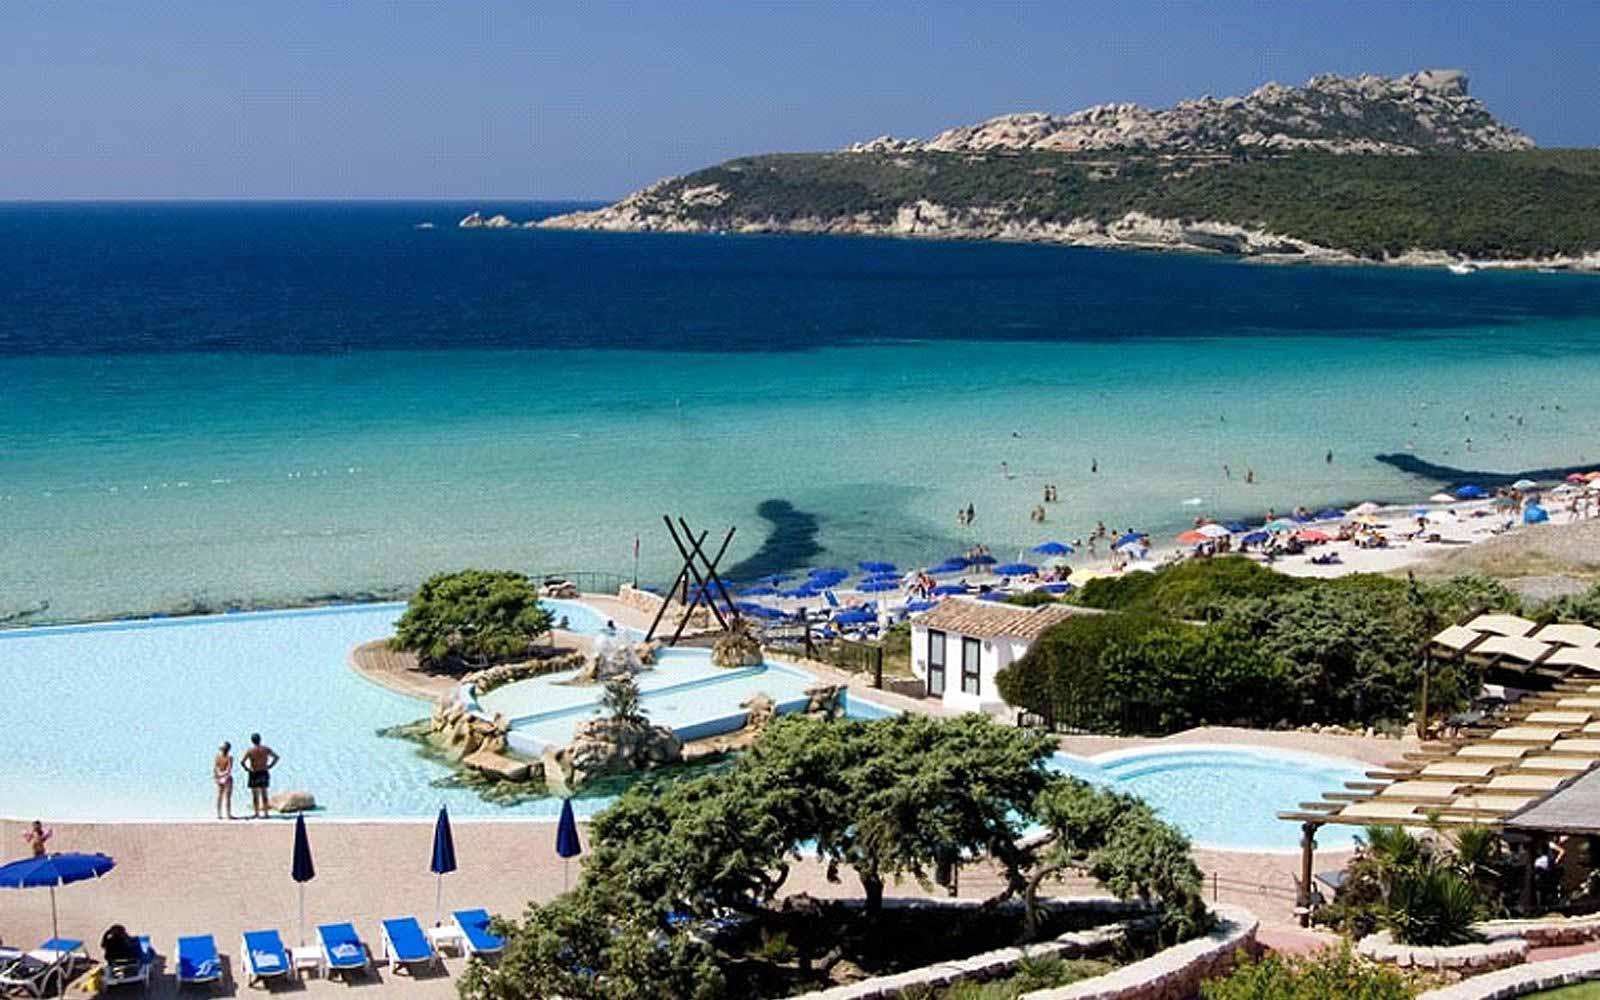 Colonna Grand Hotel Capo Testa  Costa Smeralda